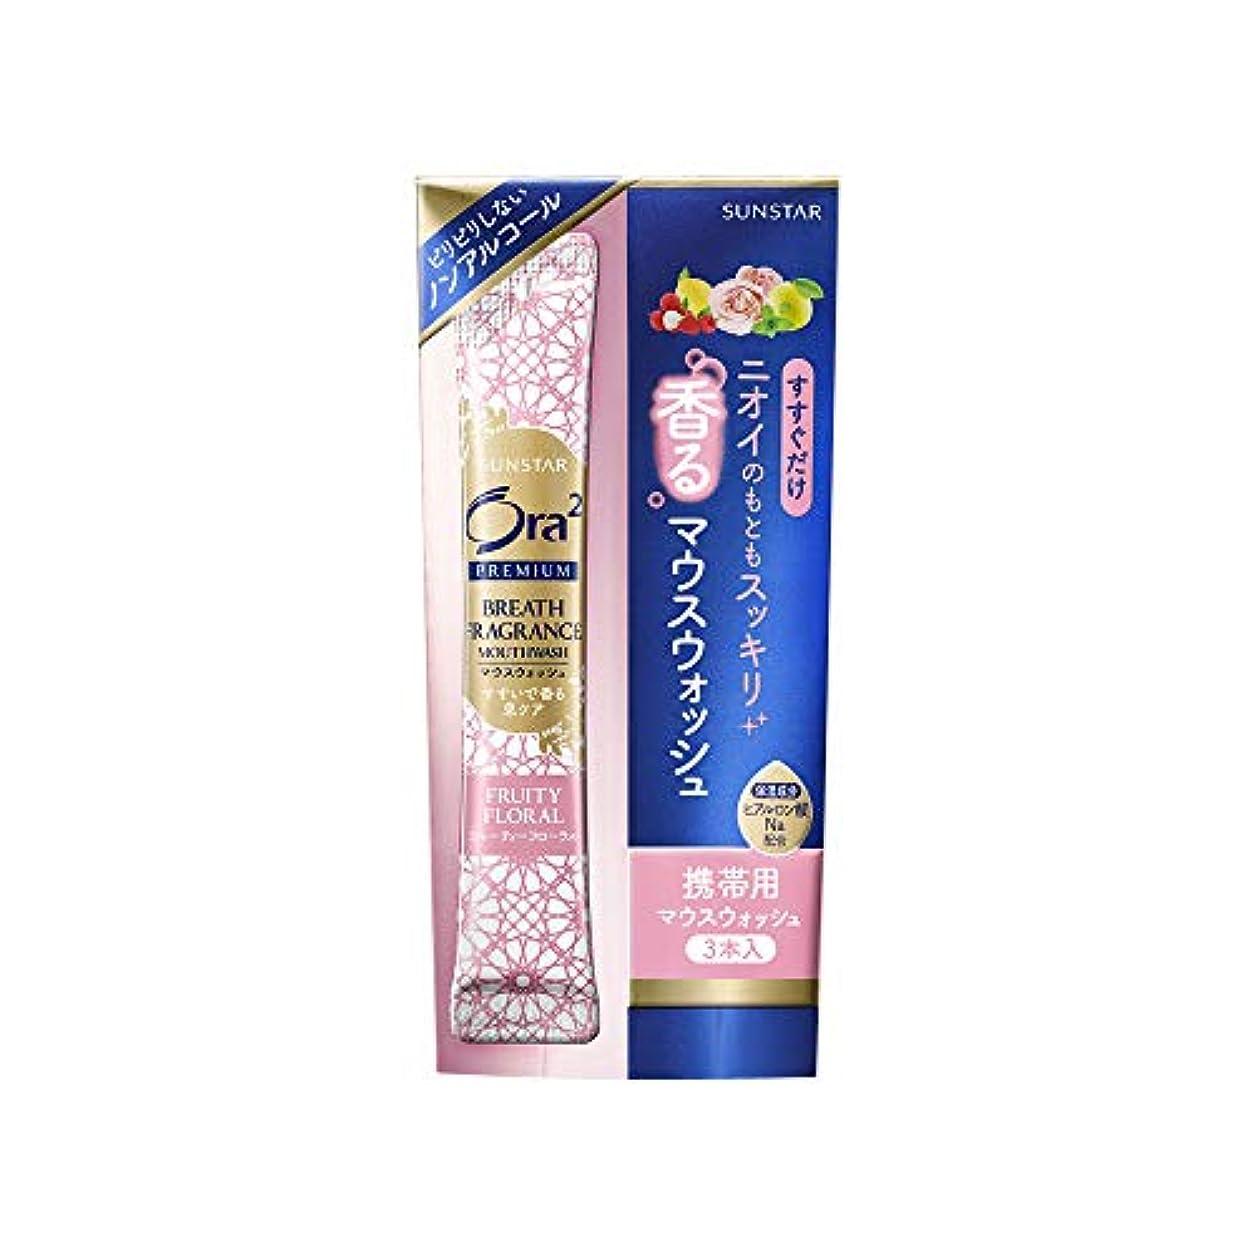 解釈暗い広告主Ora2(オーラツー) プレミアム マウスウォッシュ ブレスフレグランス 洗口液 [フルーティーフローラル] トラベル用